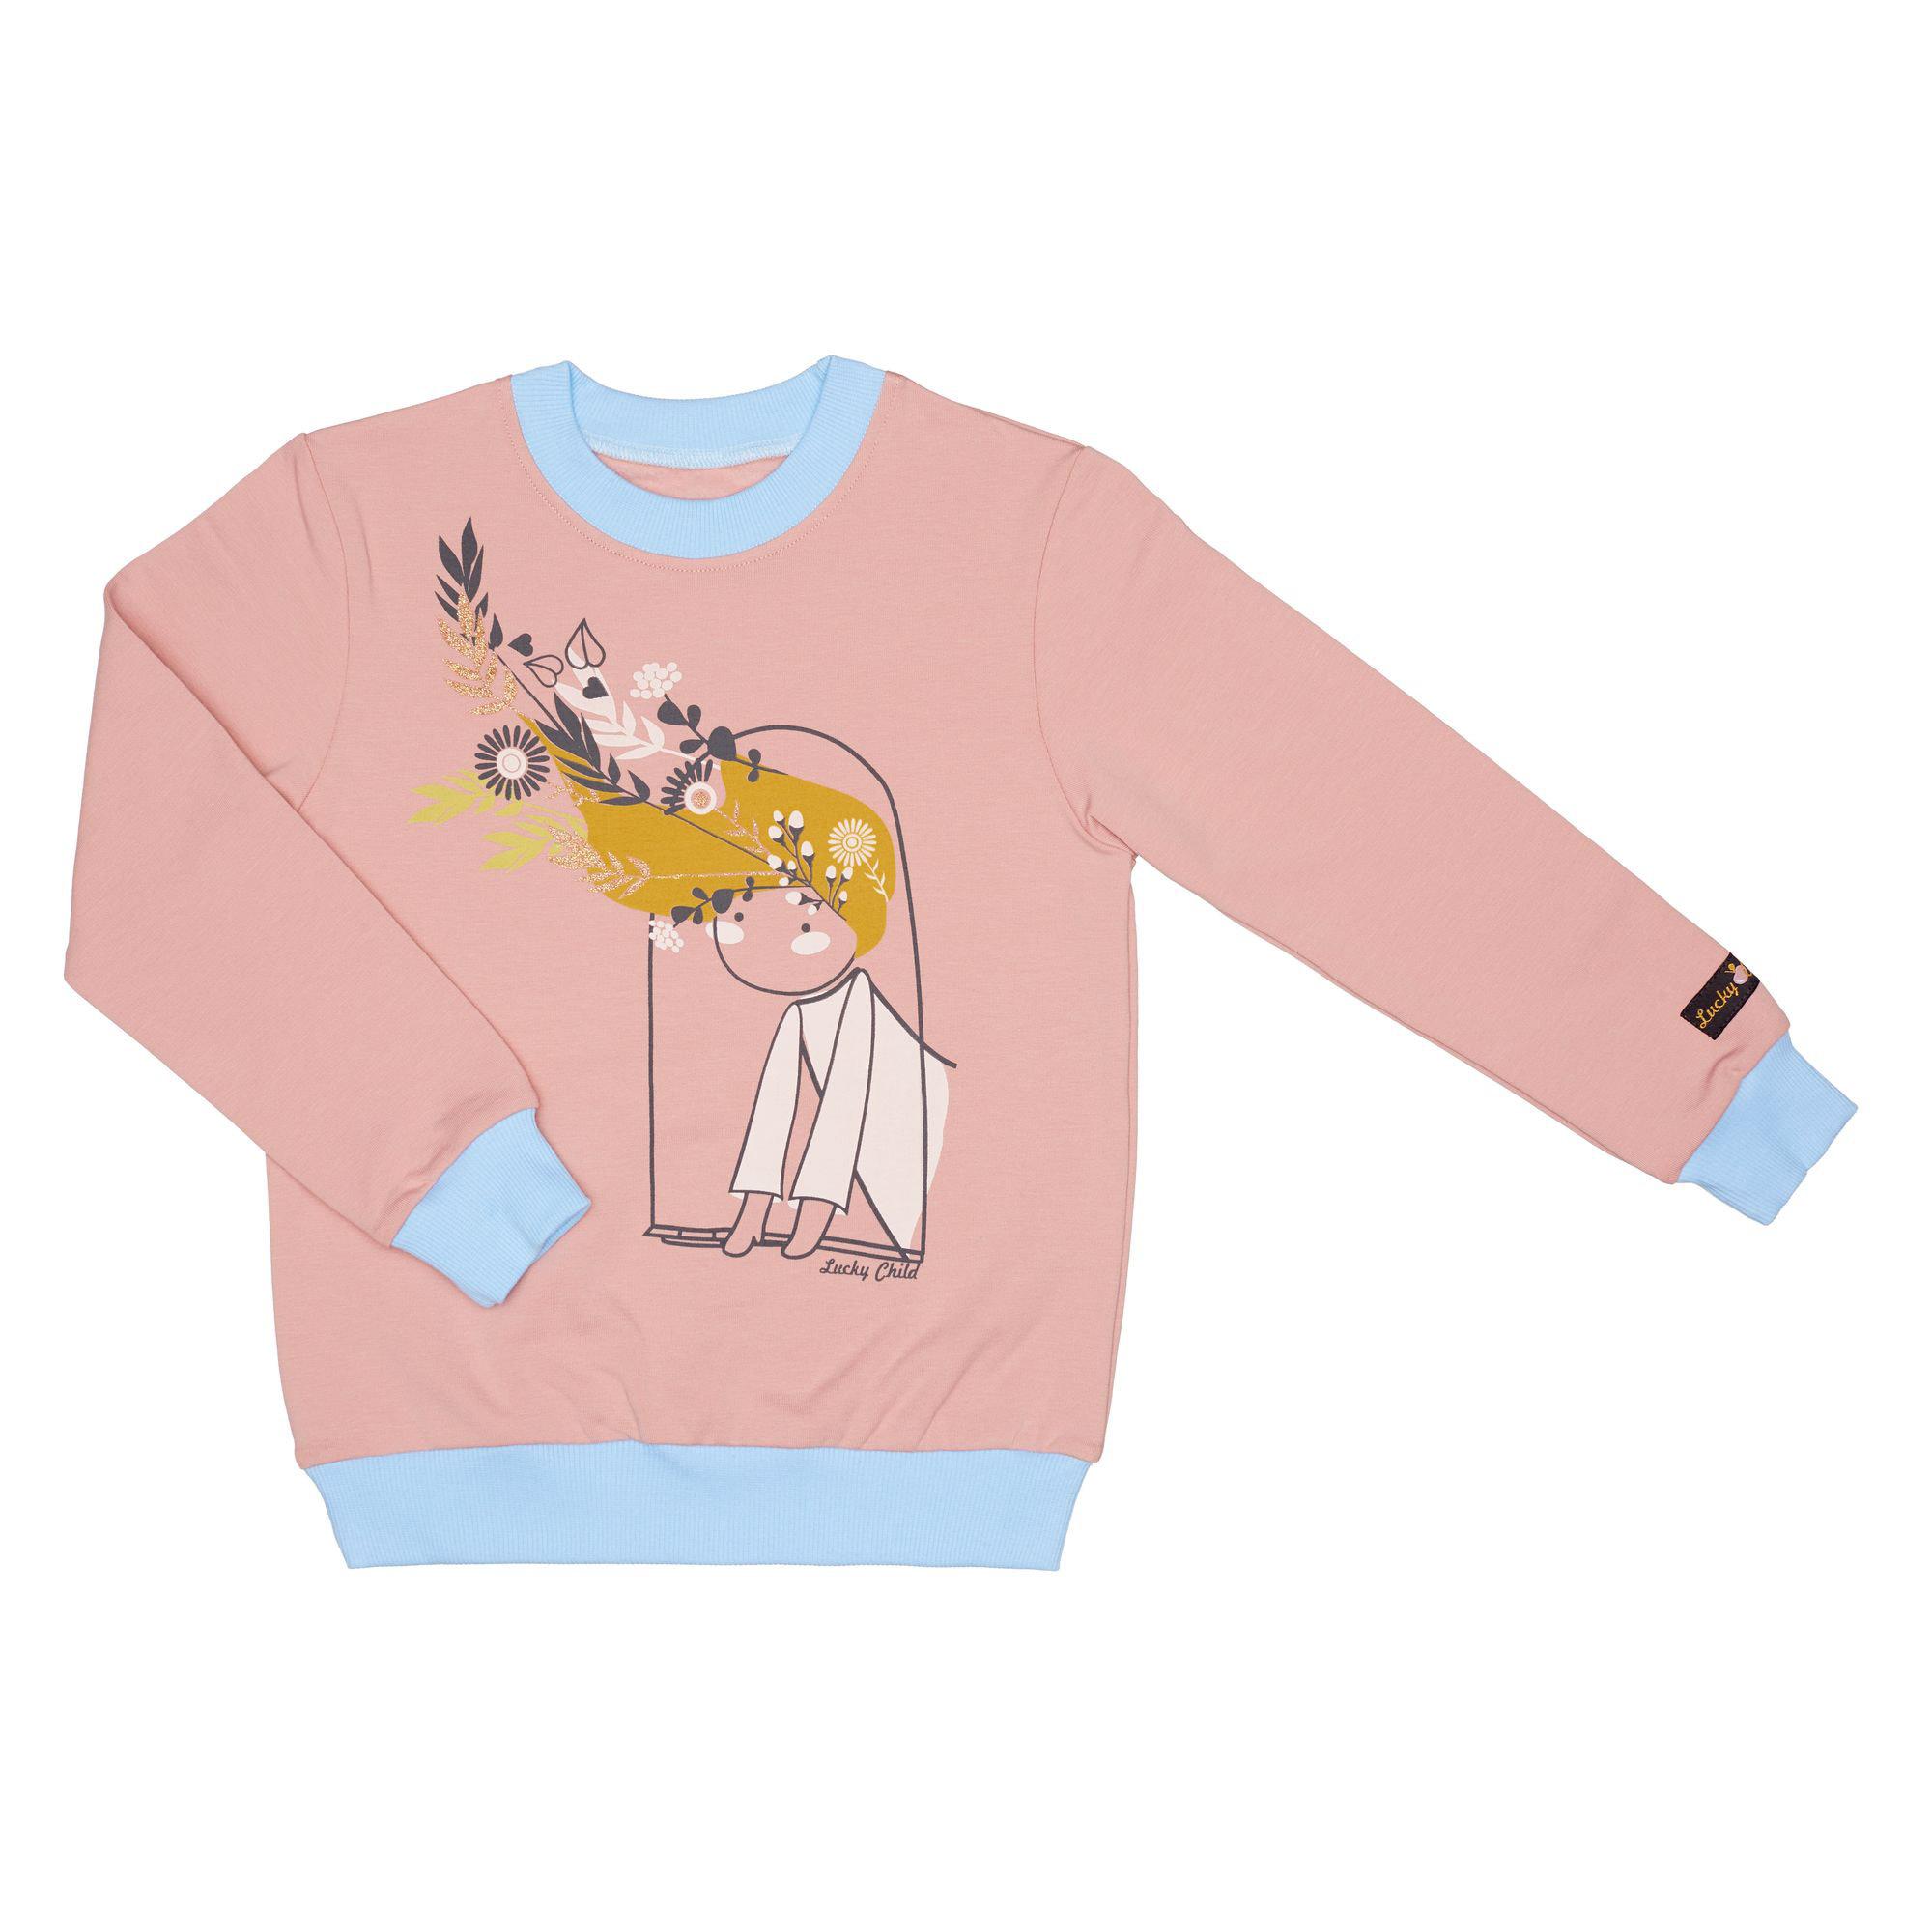 Купить Толстовка Lucky Child Осенний лес футер розовая 122-128, Розовый, Футер, Для девочек, Осень-Зима,